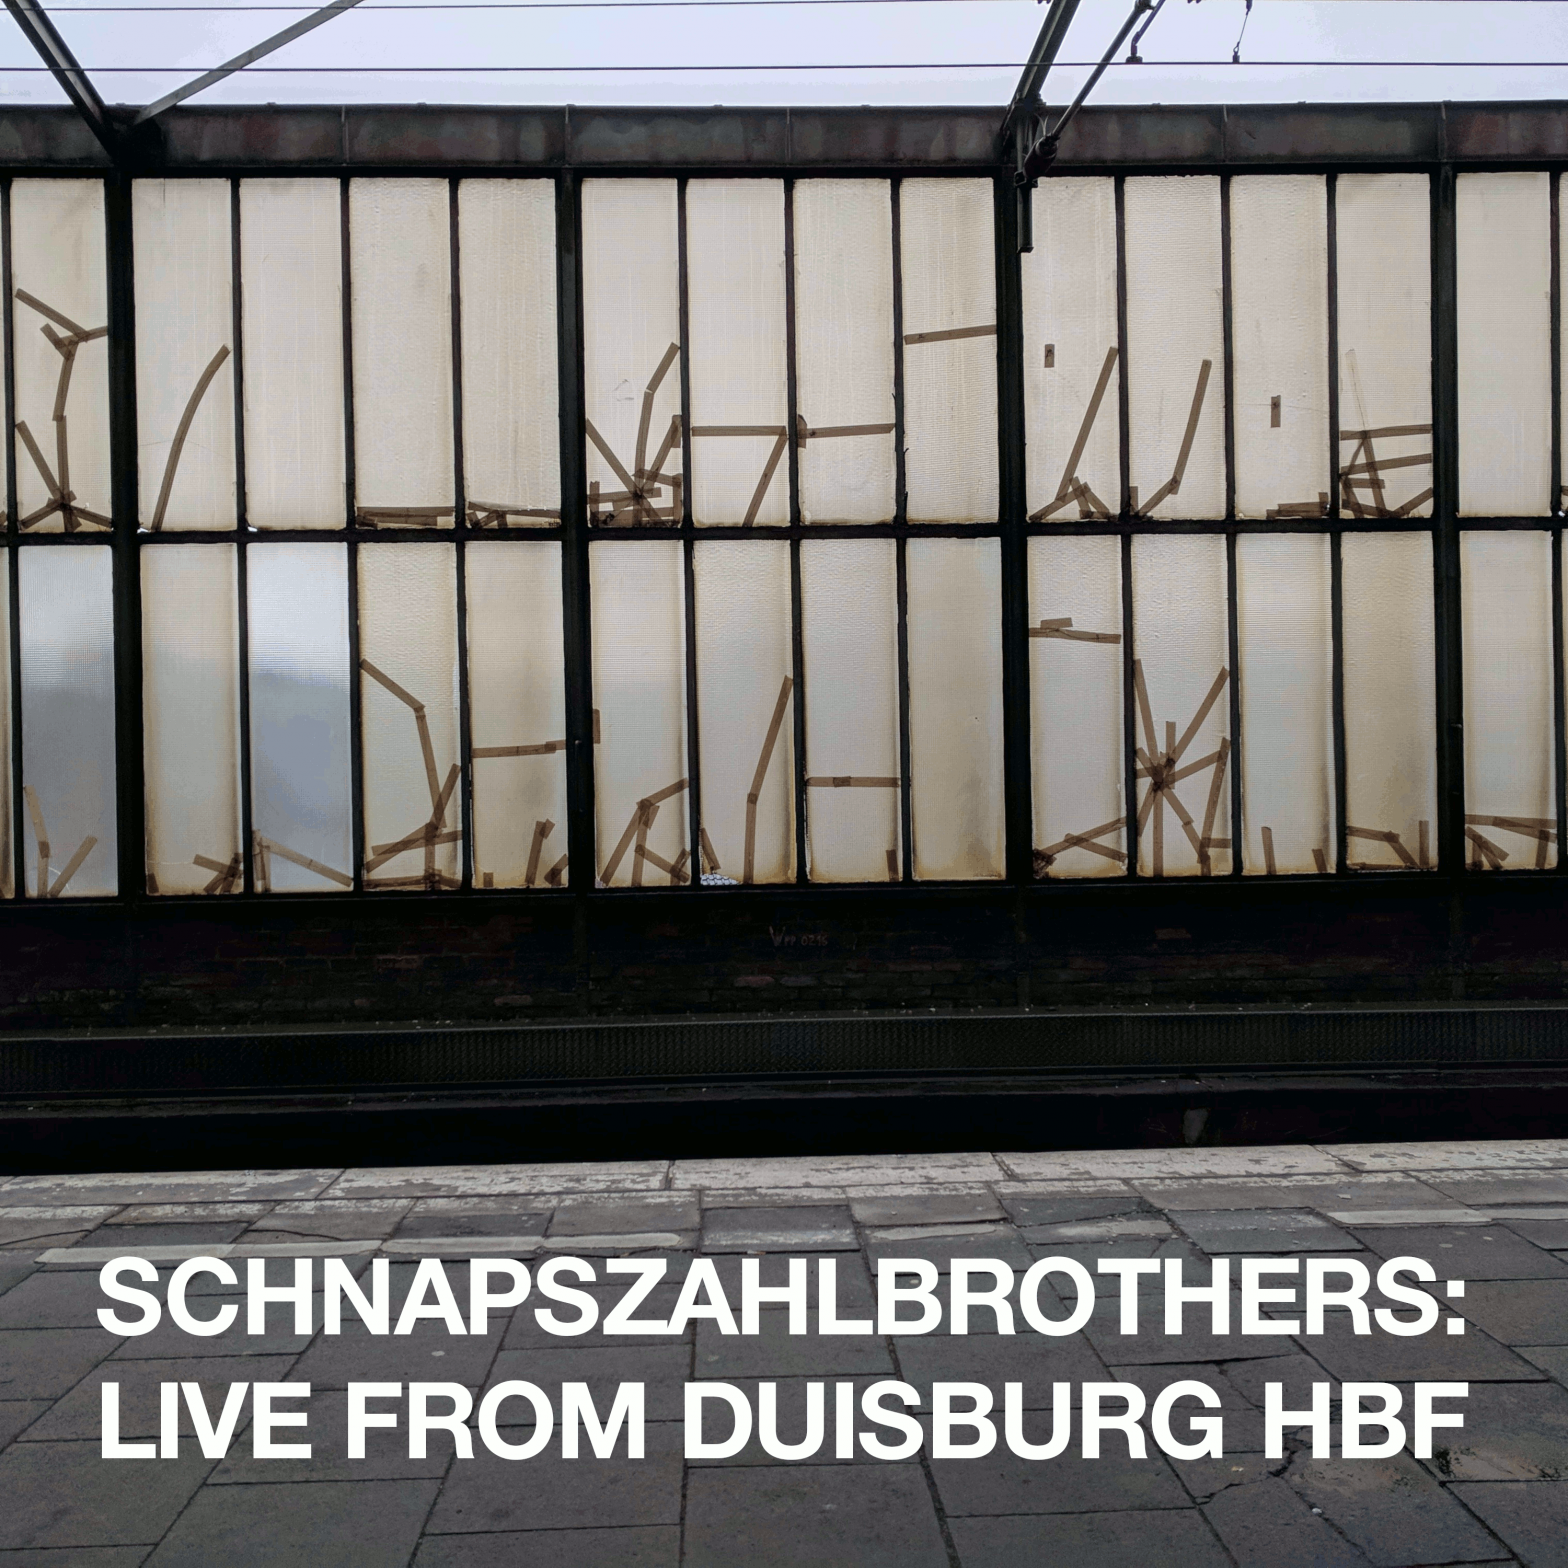 EIne schmutzige Bahnhofshallenwand. Aufschrift: Schnapszahlbrothers: Live from Duisburg Hbf